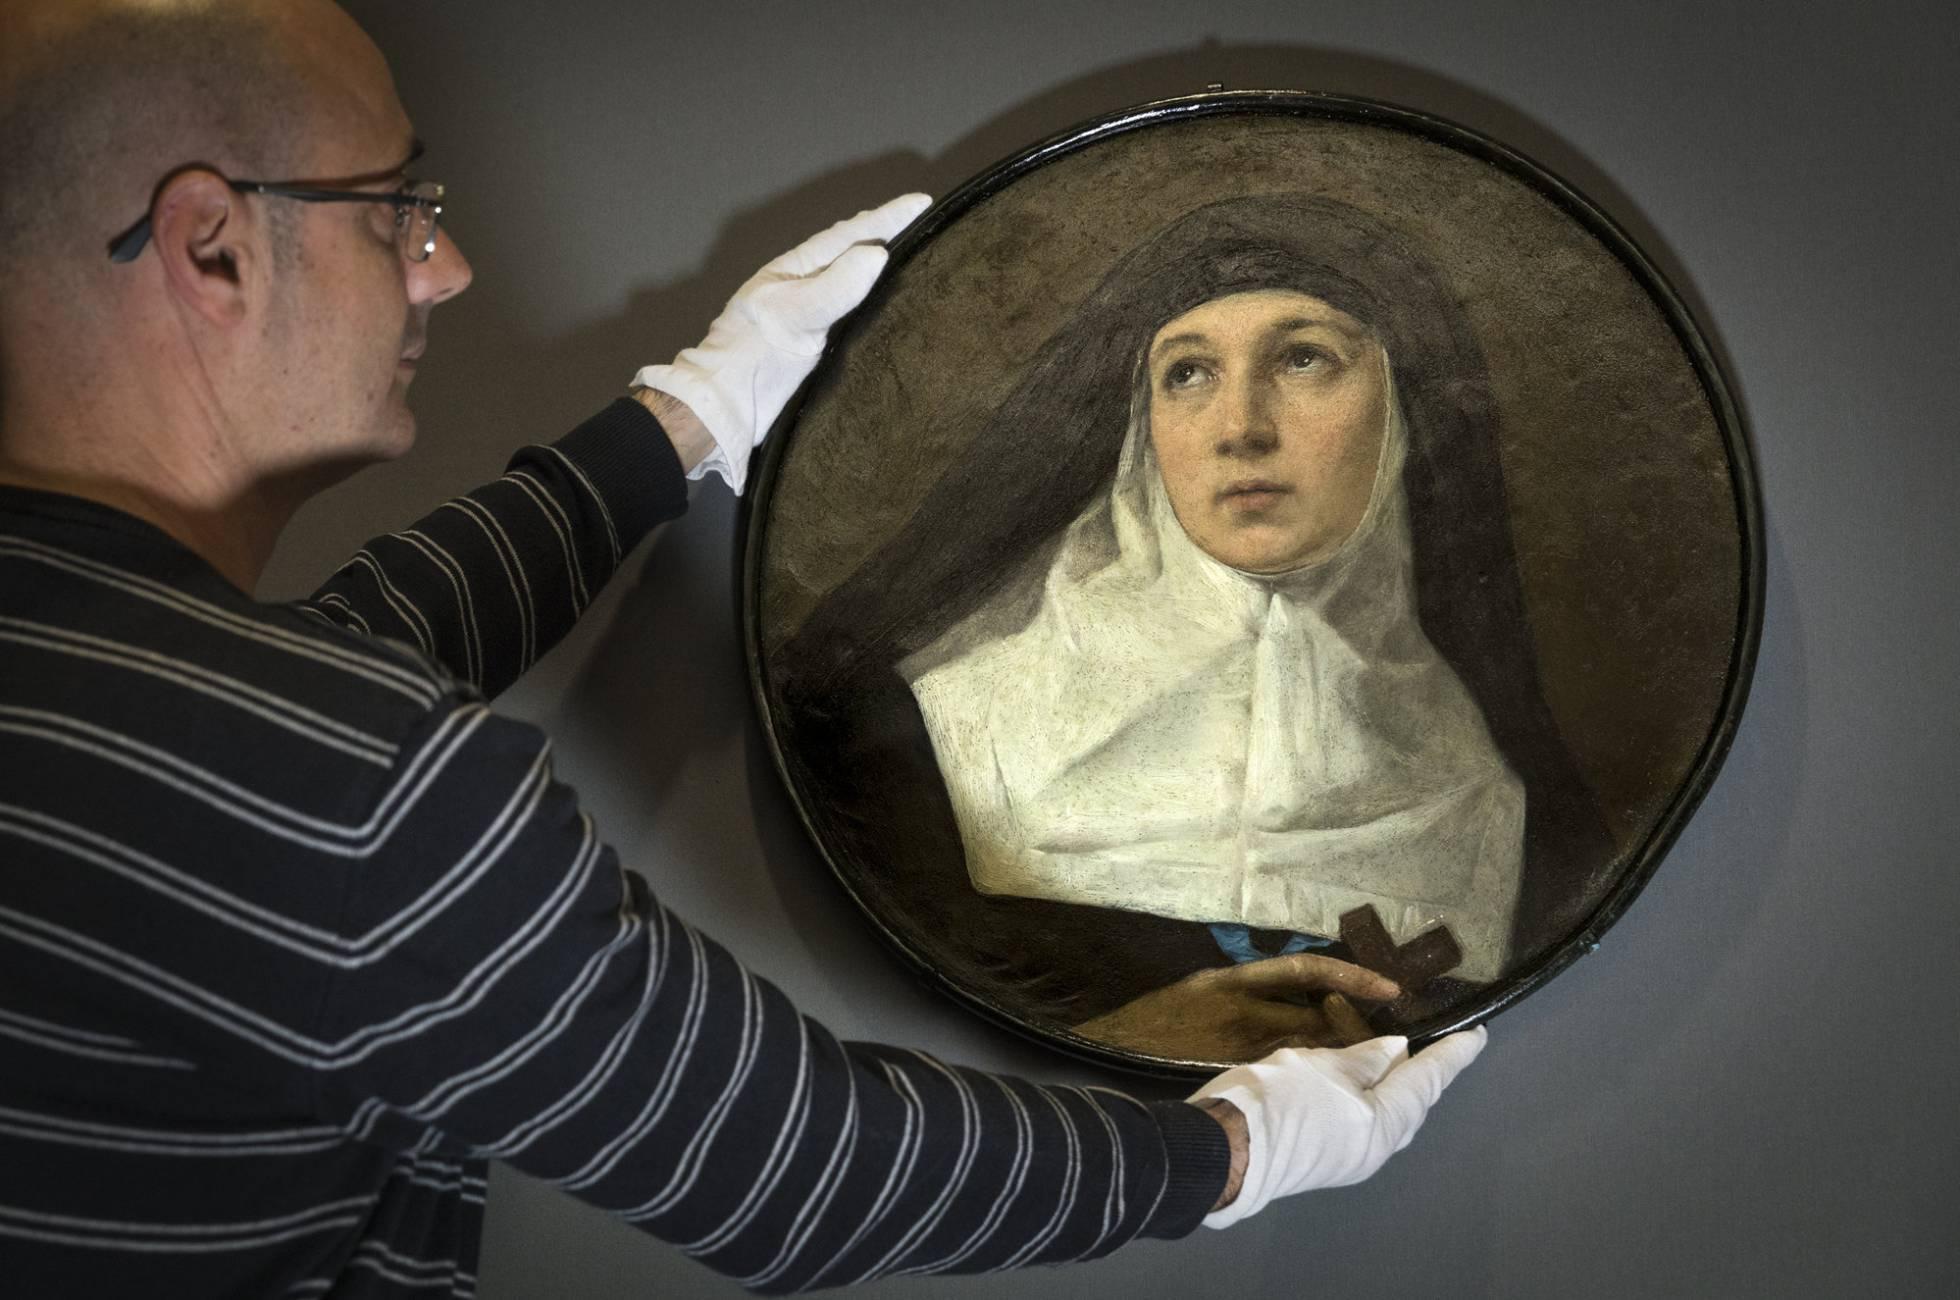 Nuevo cuadro de Murillo, realizado sobre bronce, que ha permanecido inédito tres siglos y medio y ha sido presentado en el Museo de Bellas Artes de Valencia. MÒNICA TORRES